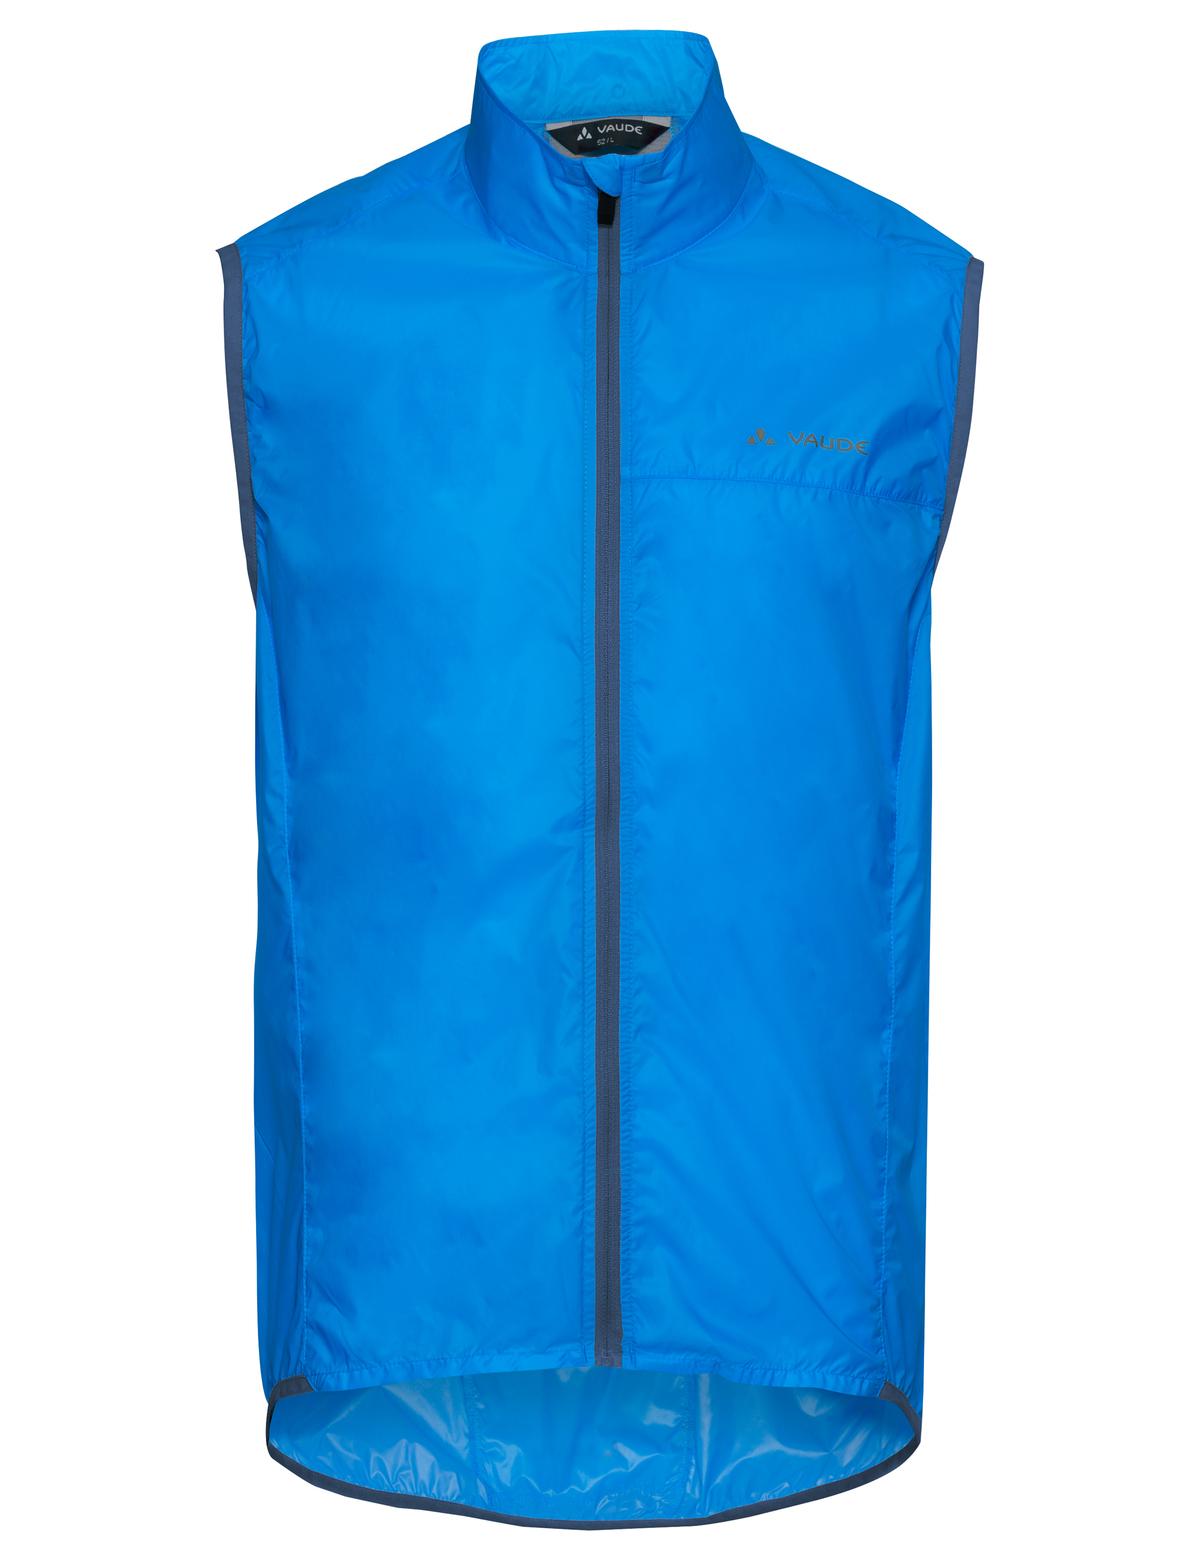 VAUDE Men´s Air Vest III radiate blue Größe XL - 2-Rad-Sport Wehrle